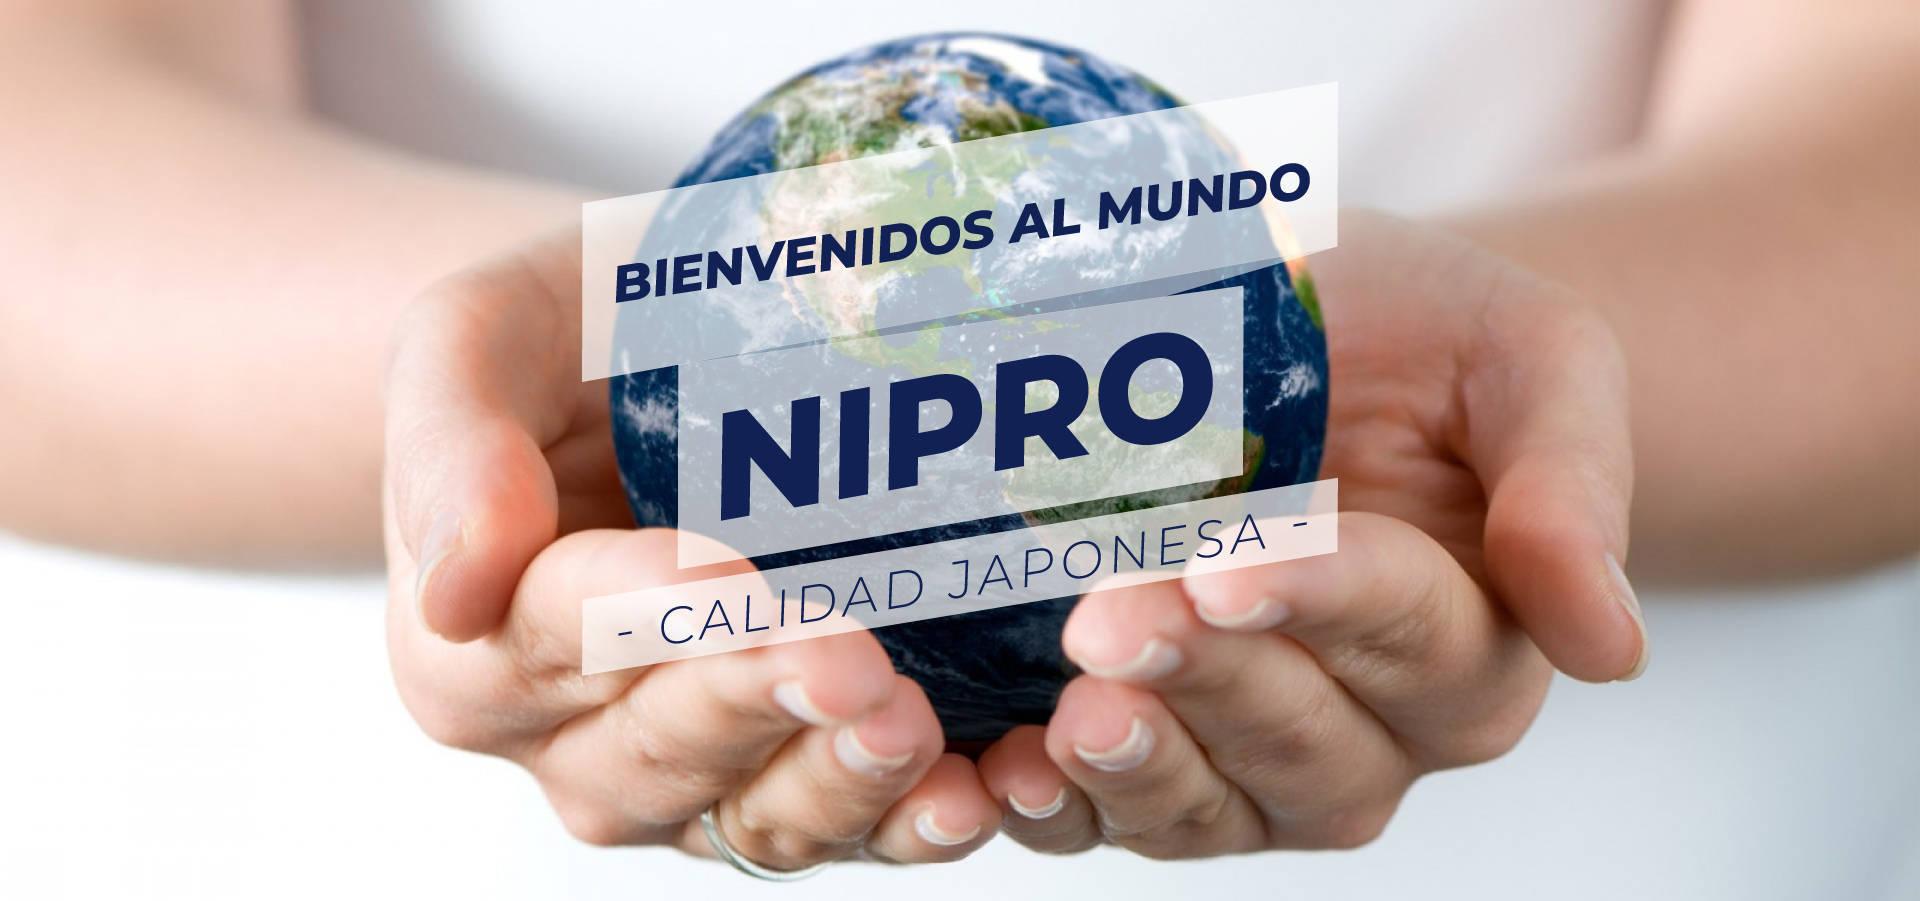 Nipro Medical Corporation - Argentina